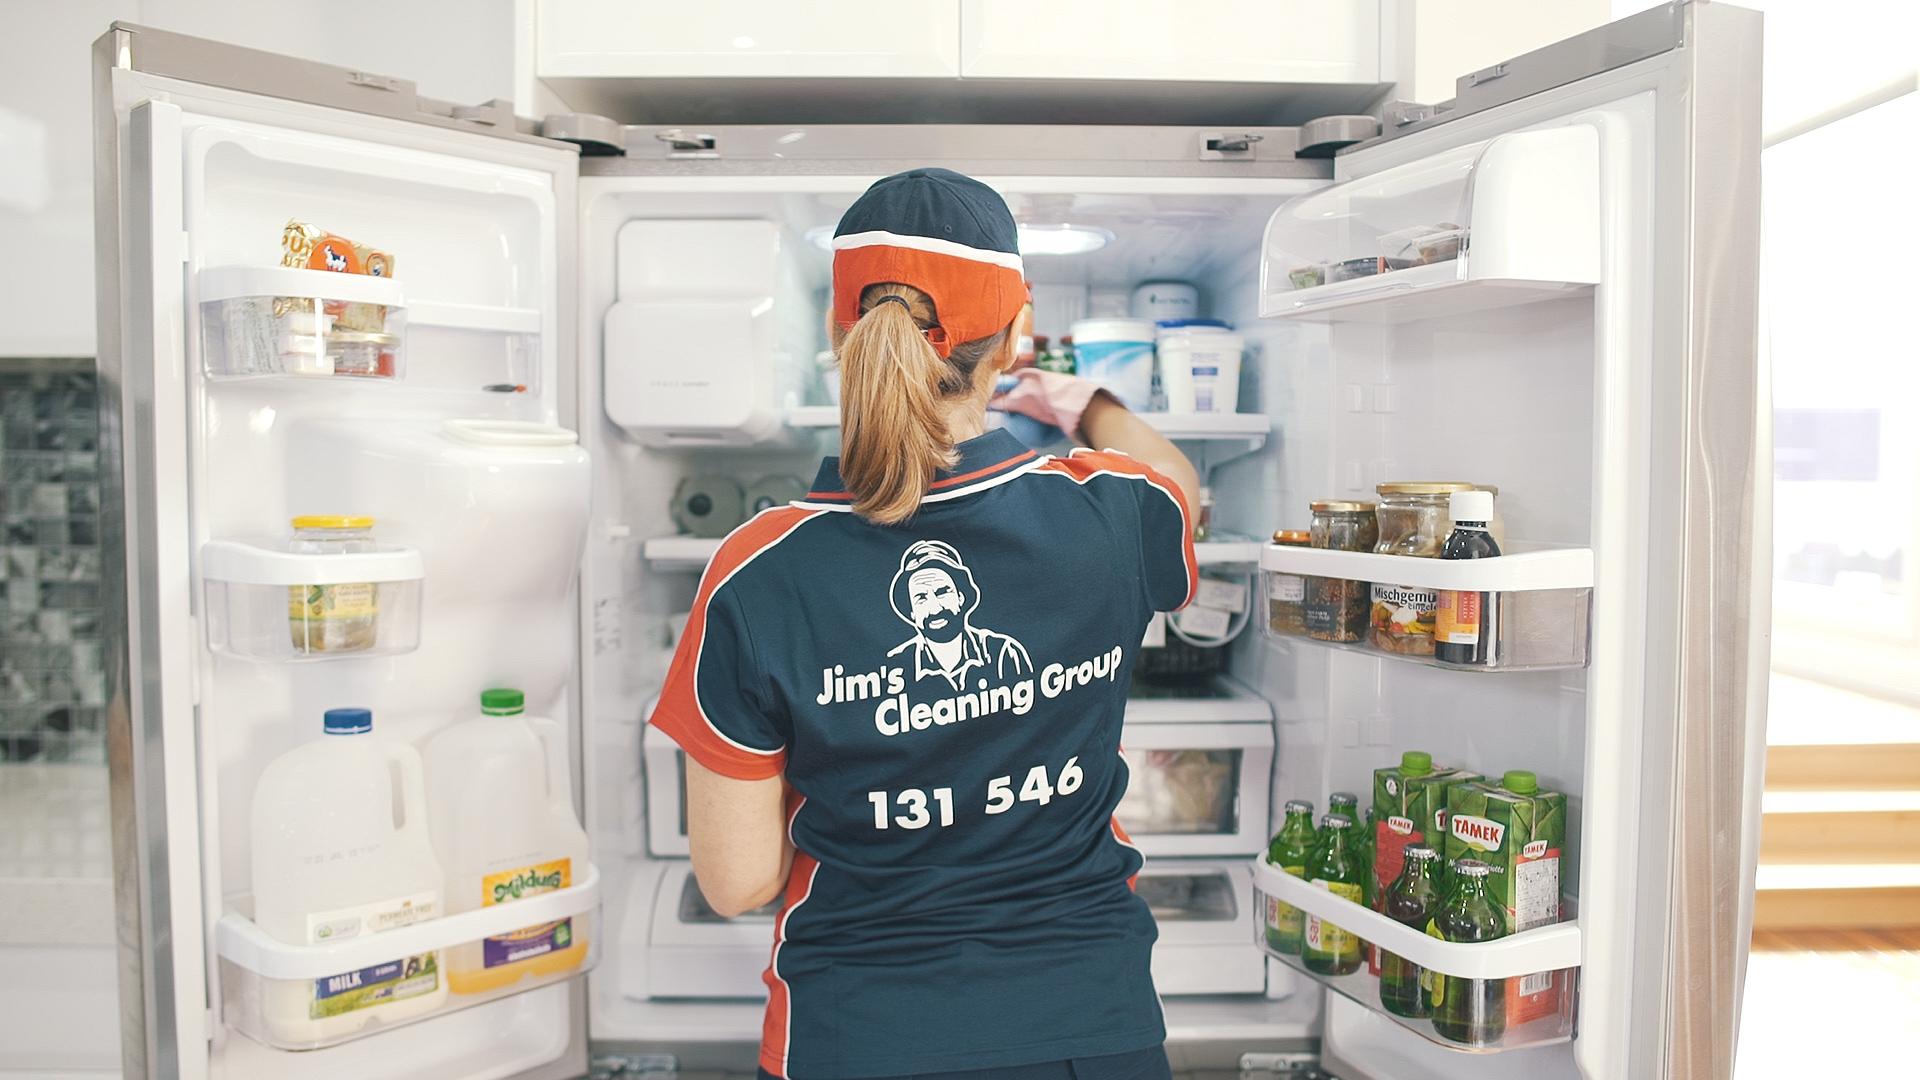 Jim's Cleaning Loganholme - Woodridge, QLD 4114 - (01) 3154 1546 | ShowMeLocal.com